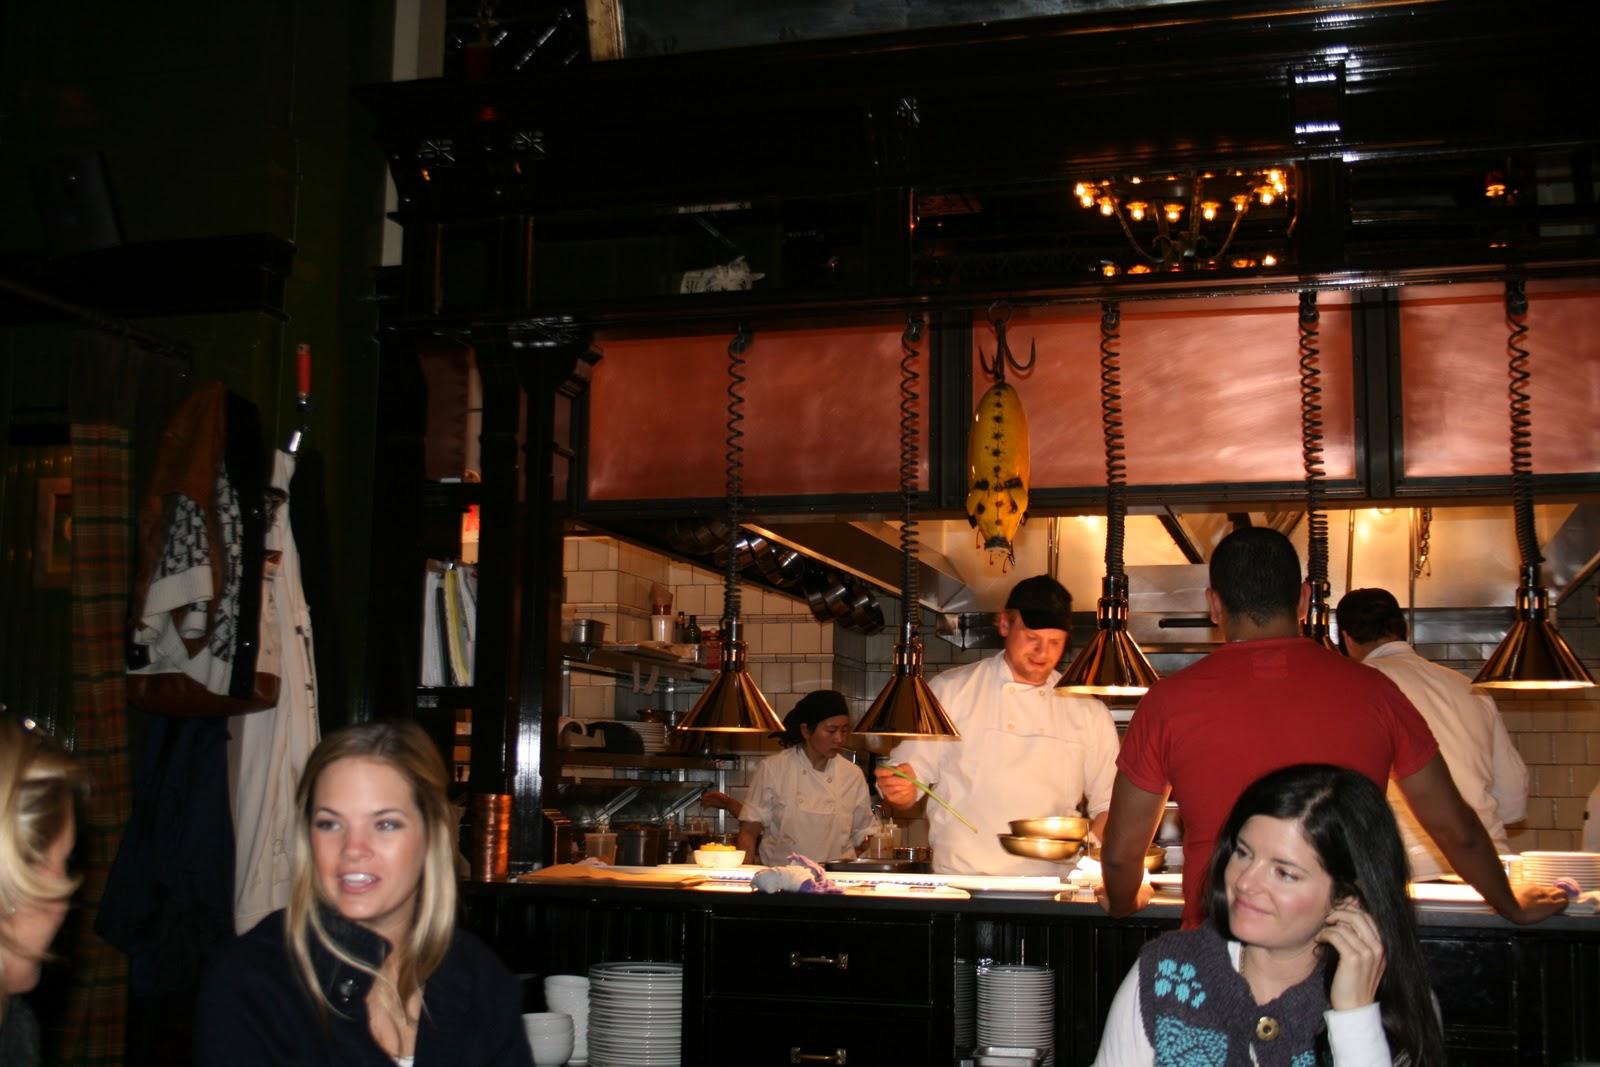 The Breslin Bar And Dining Room The Breslin Brunch Brigade